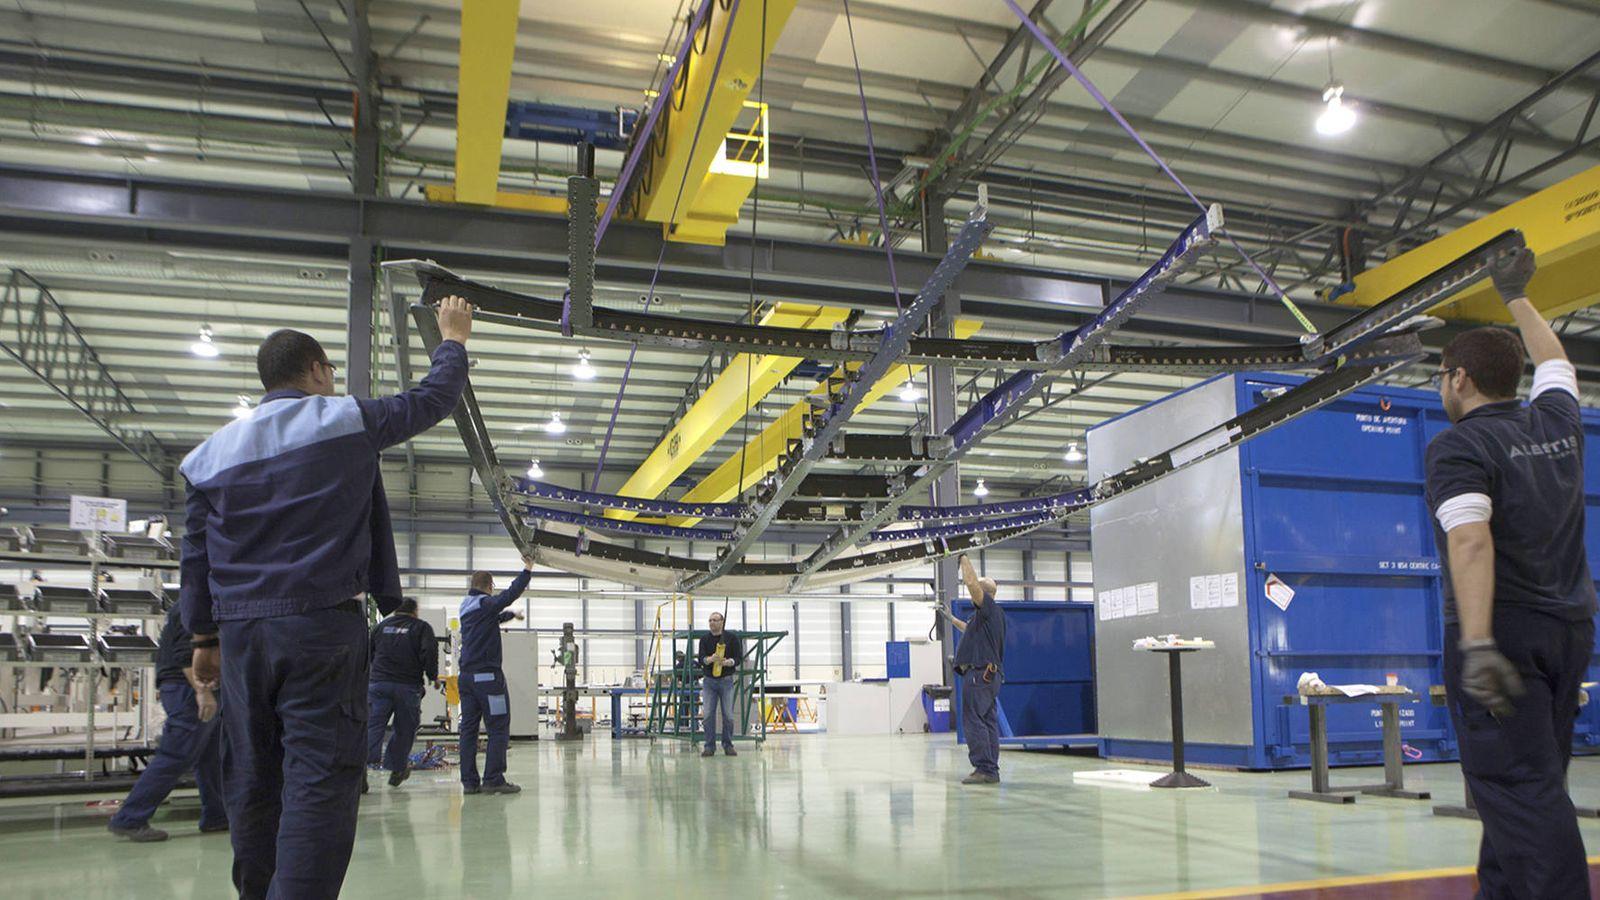 Foto: Estructura de la panza del A350 en una planta de Alestis. (Alestis Aerospace)